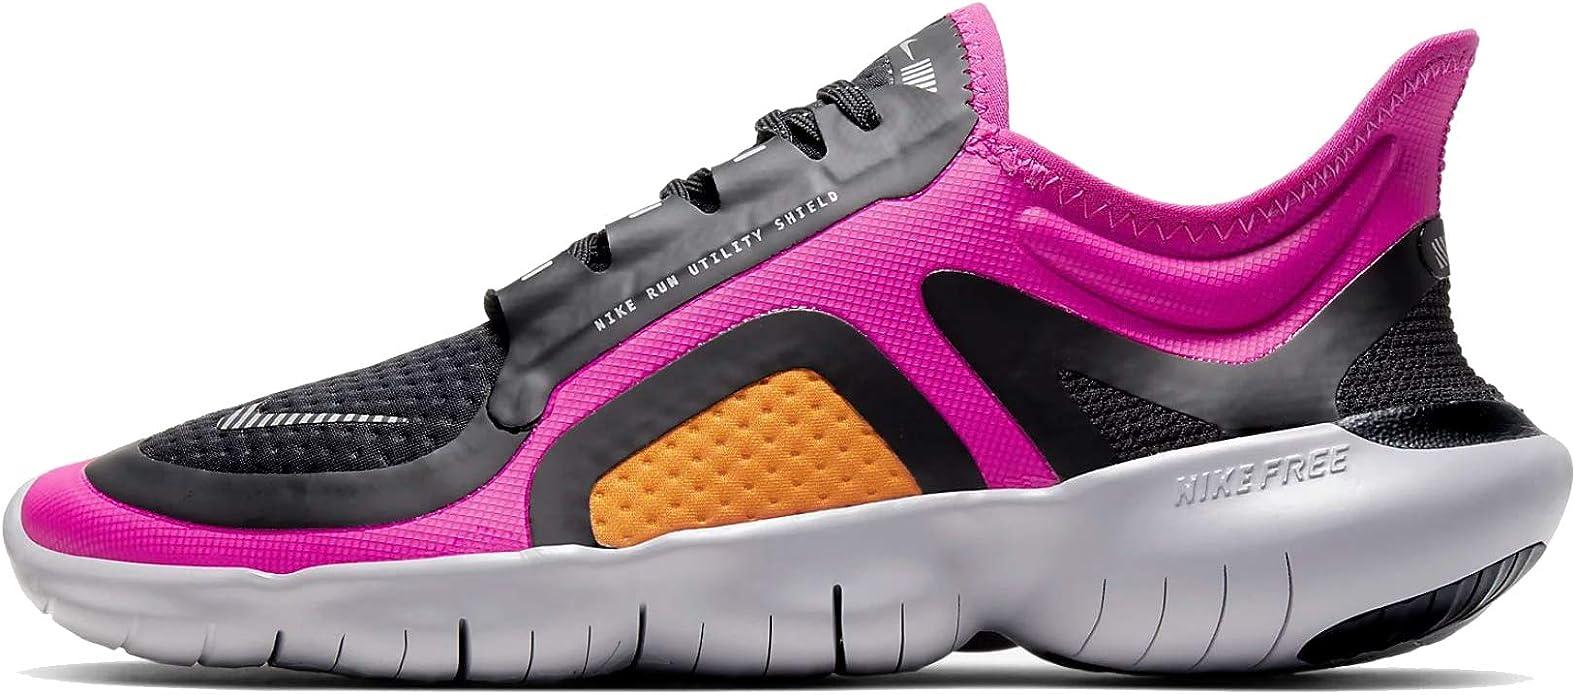 Nike Womens Free Rn 5.0 Shield Womens